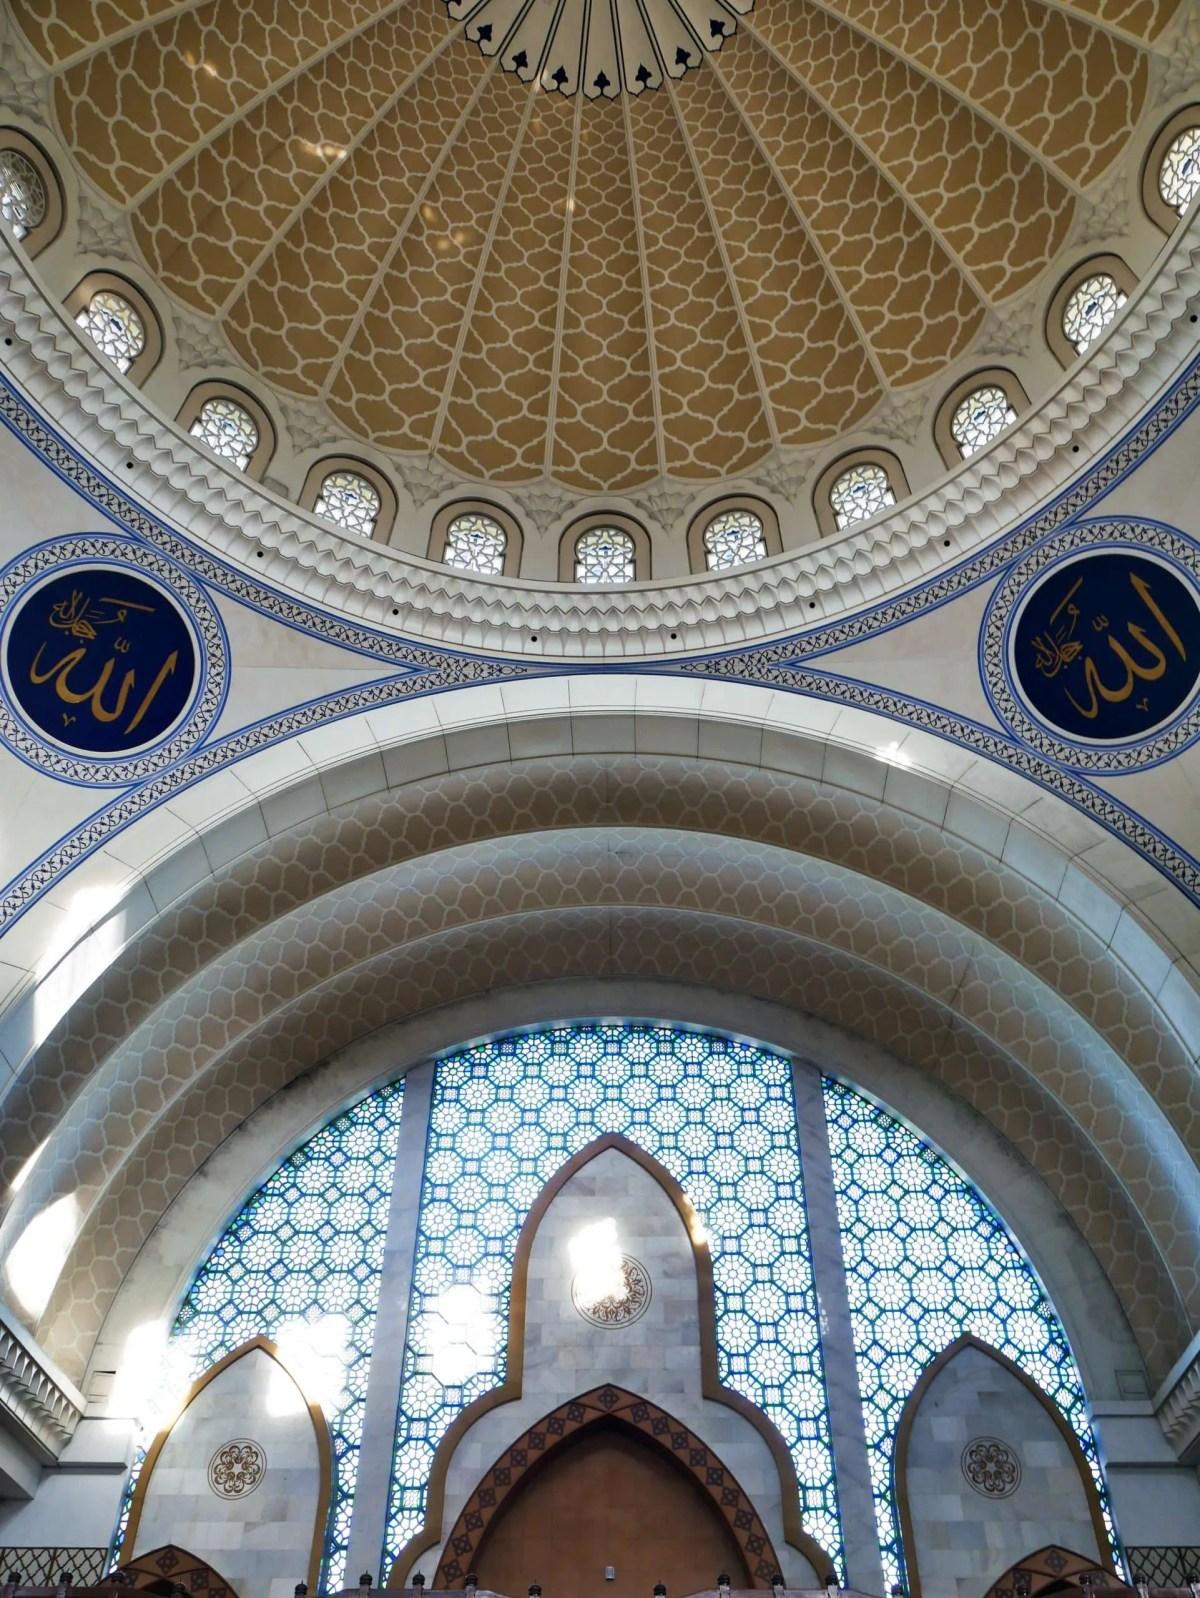 Masjid Wilayah dome